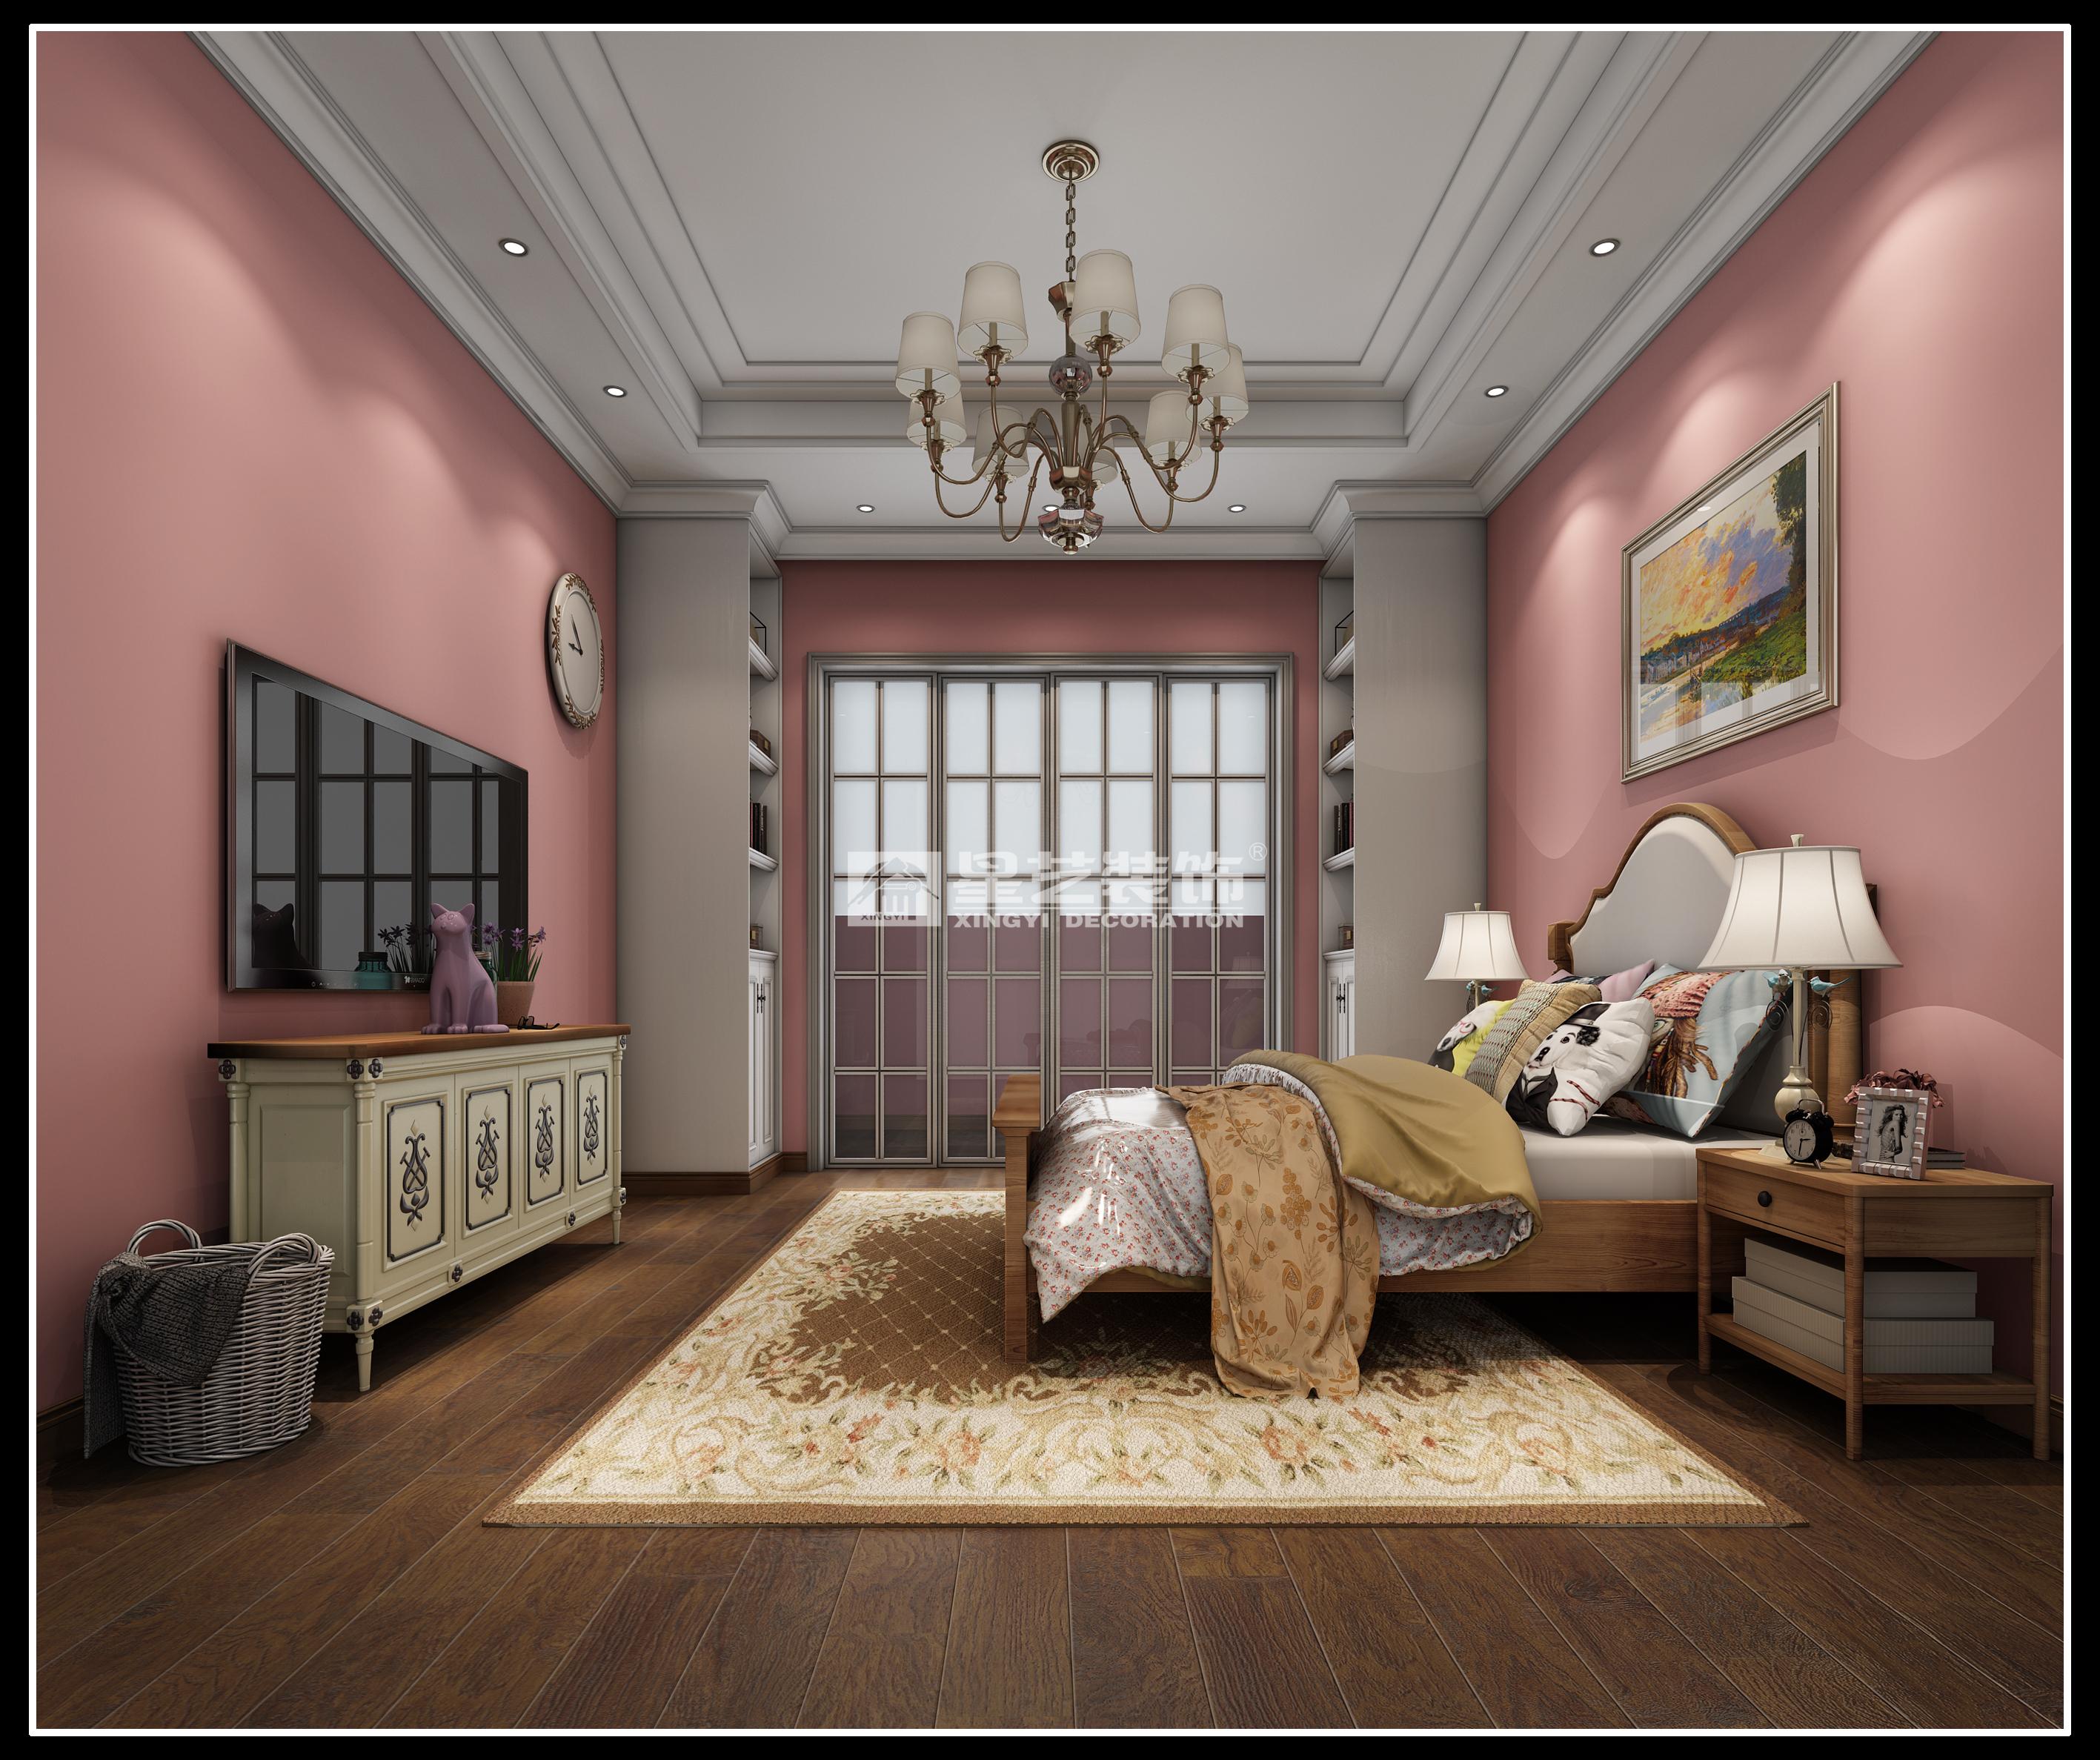 摒棄了繁華的裝飾整體采用明快的色調設計風格上結合新美式家具配合美式文化元素從復雜到簡單從整體到局部。